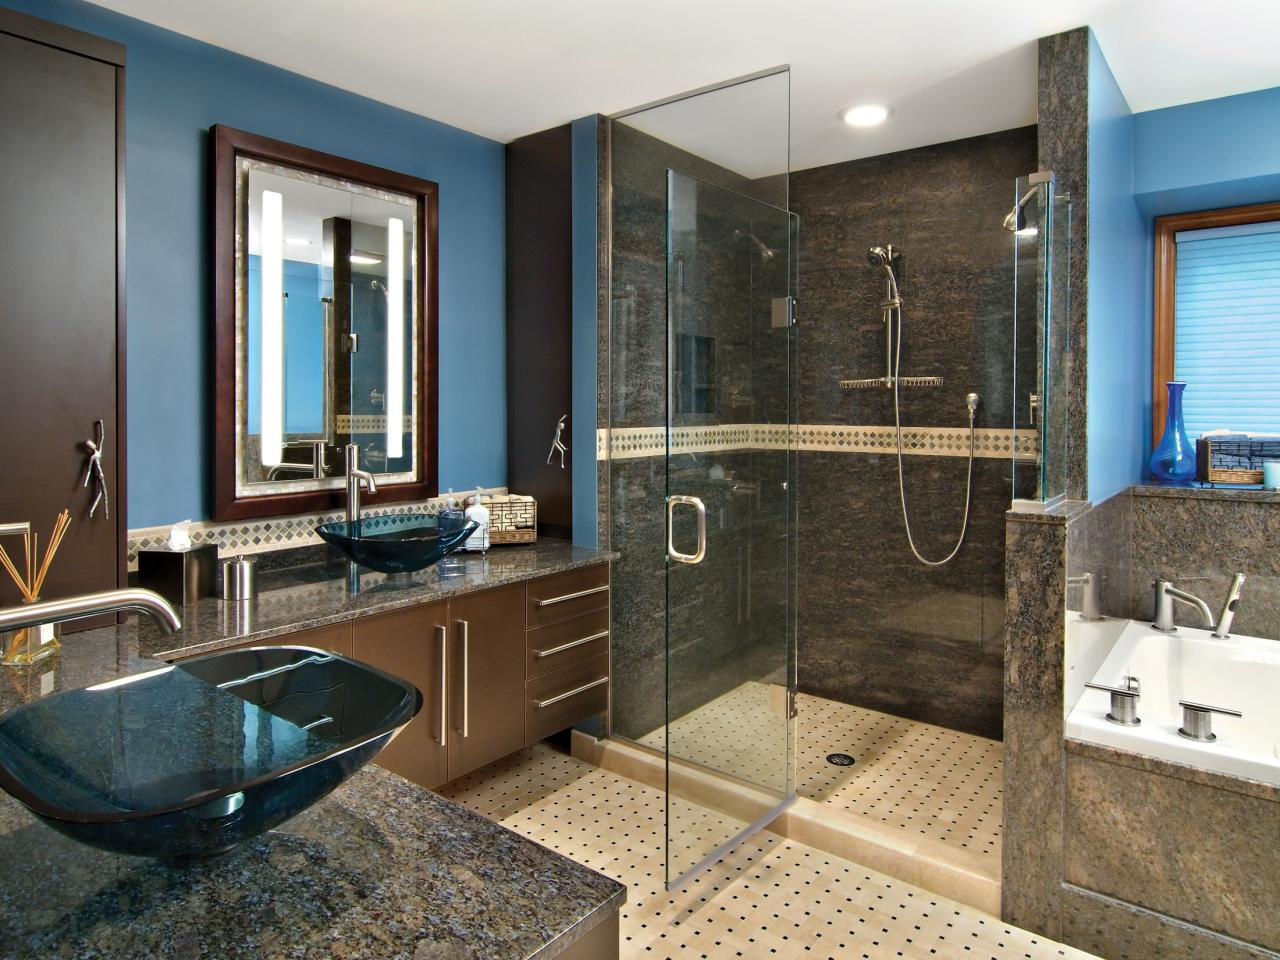 Необычный дизайн раковины, столешницы из тёмного материала, современное оборудование - всё это придаст Вашей ванной шарм